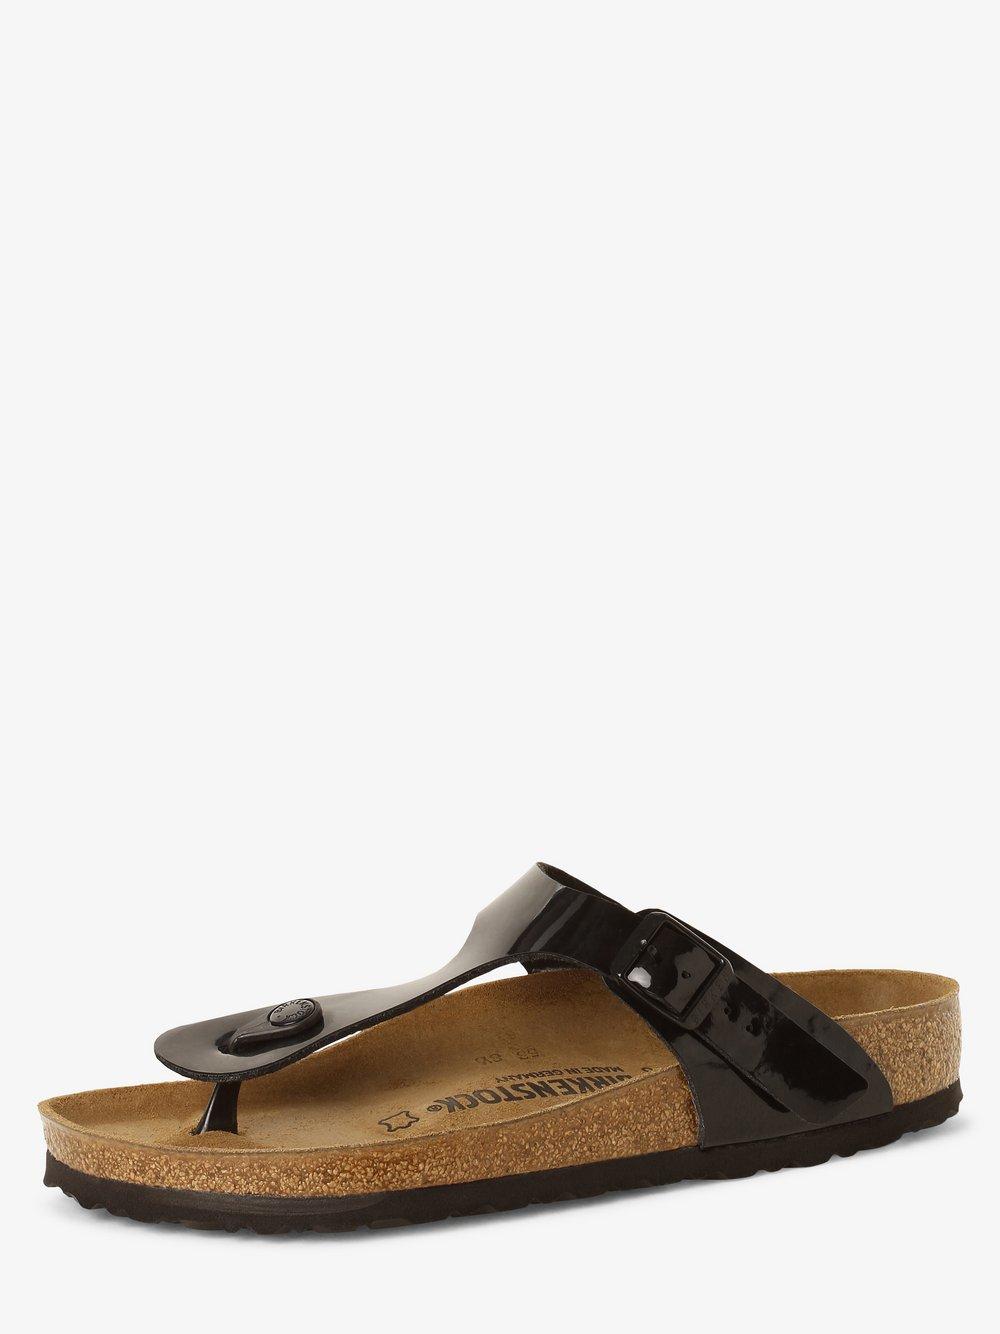 Birkenstock - Sandały damskie z dodatkiem skóry – Gizeh BS, czarny